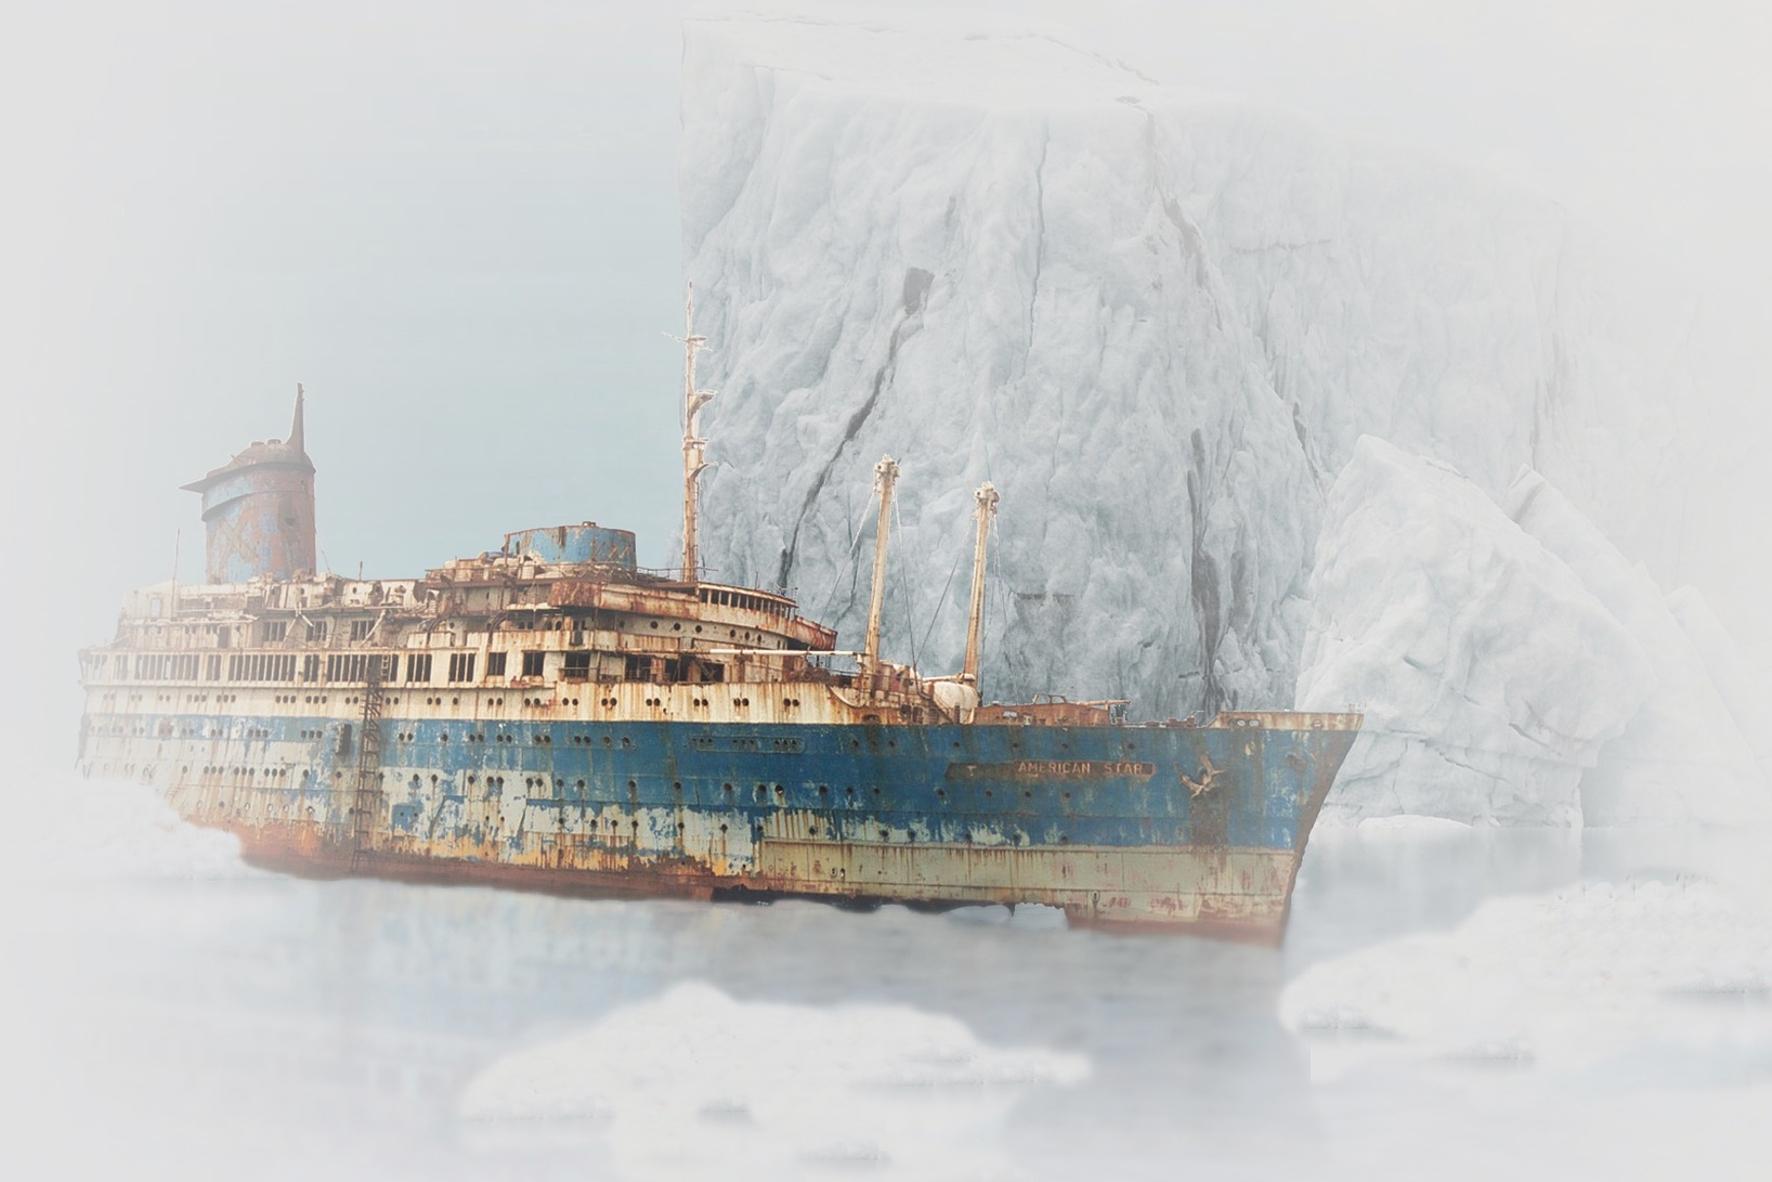 mid Groß-Gerau - Bei der Titanic-Kreuzfahrt geht es moderner und ungefährlicher als vor 100 Jahren zu. pixel 2013 / Pixabay